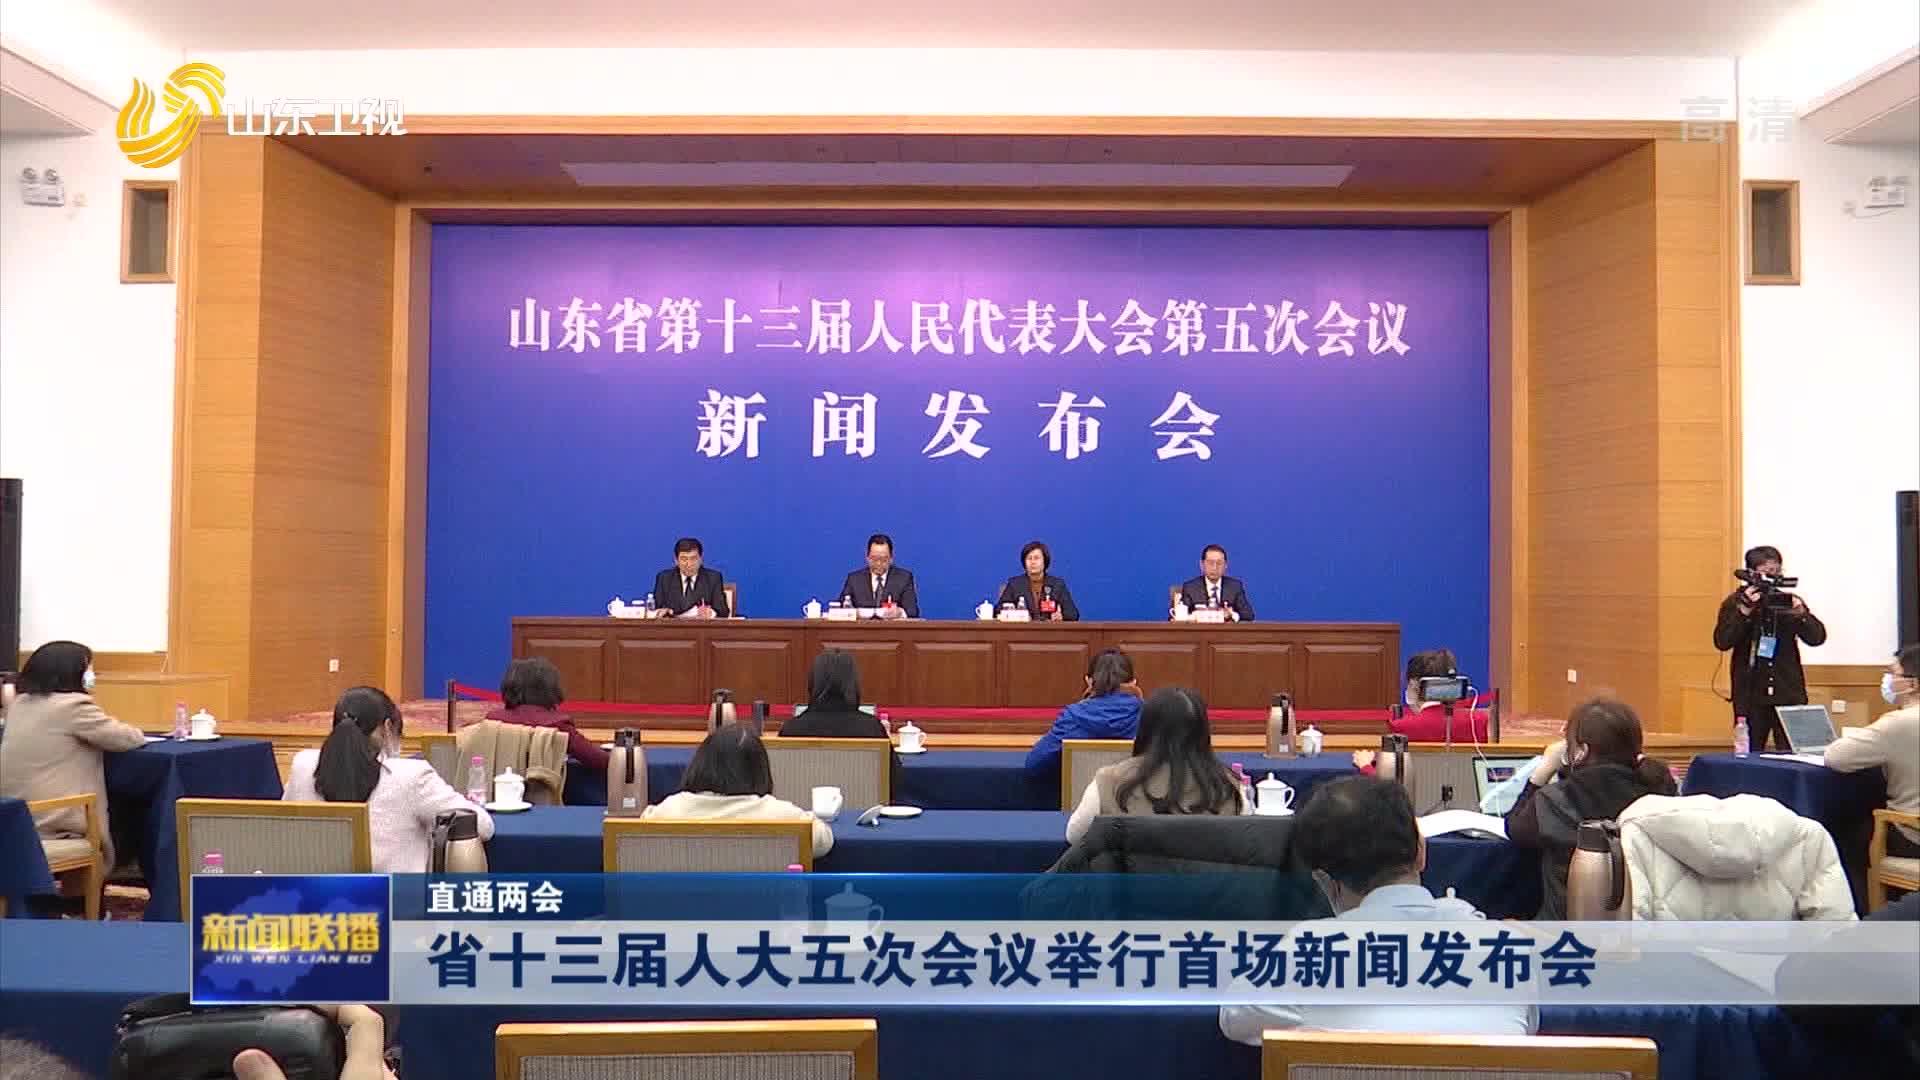 【直通两会】省十三届人大五次会议举行首场新闻发布会